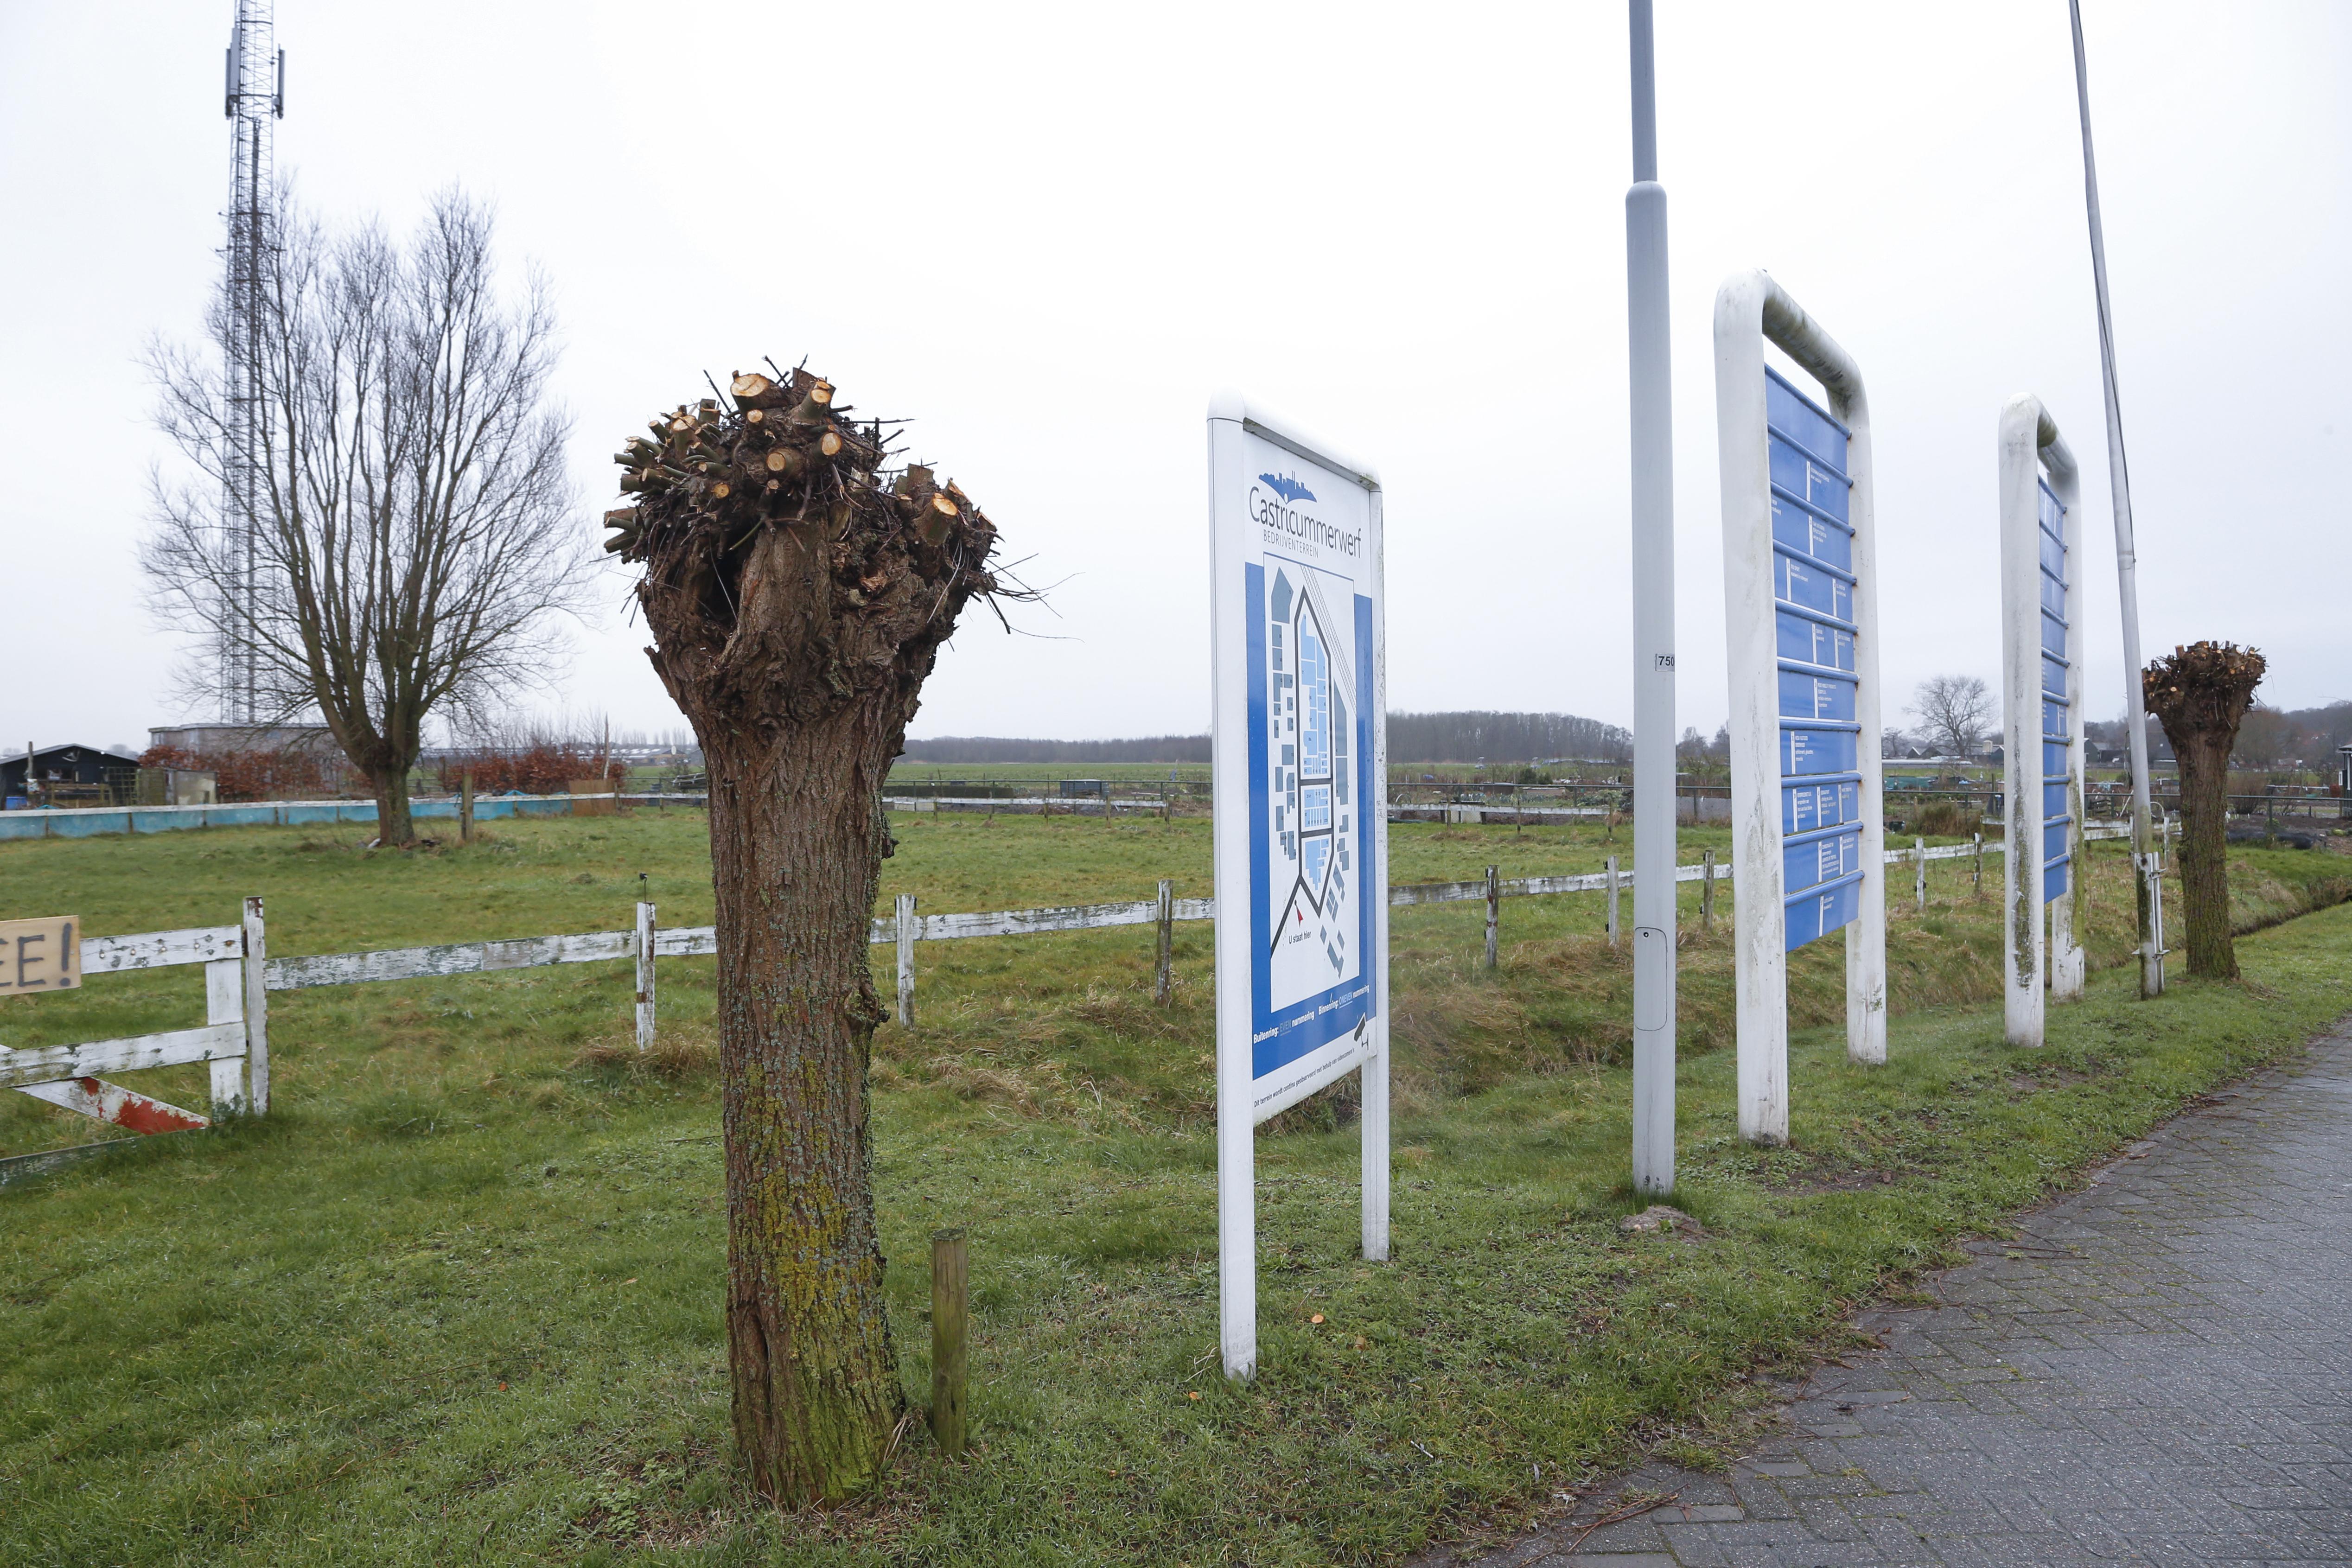 Raadsvragen over flexwoningen op Castricummer Werf: 'Open brief met verbazing en ontsteltenis gelezen'